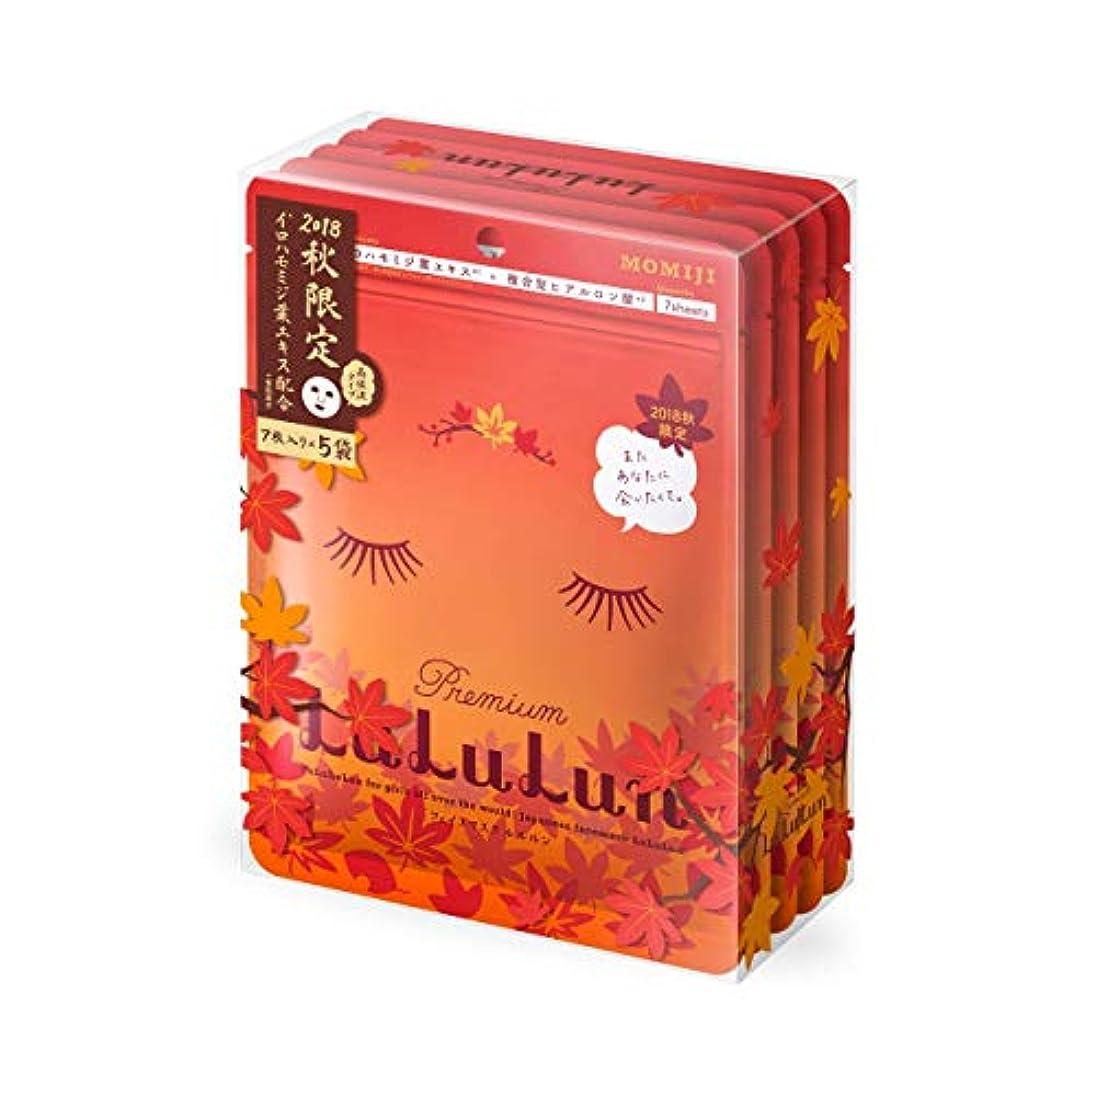 タンパク質ブリリアント沿って【数量限定】2018年 秋 限定 紅葉 プレミアム ルルルン 7枚入り × 5袋